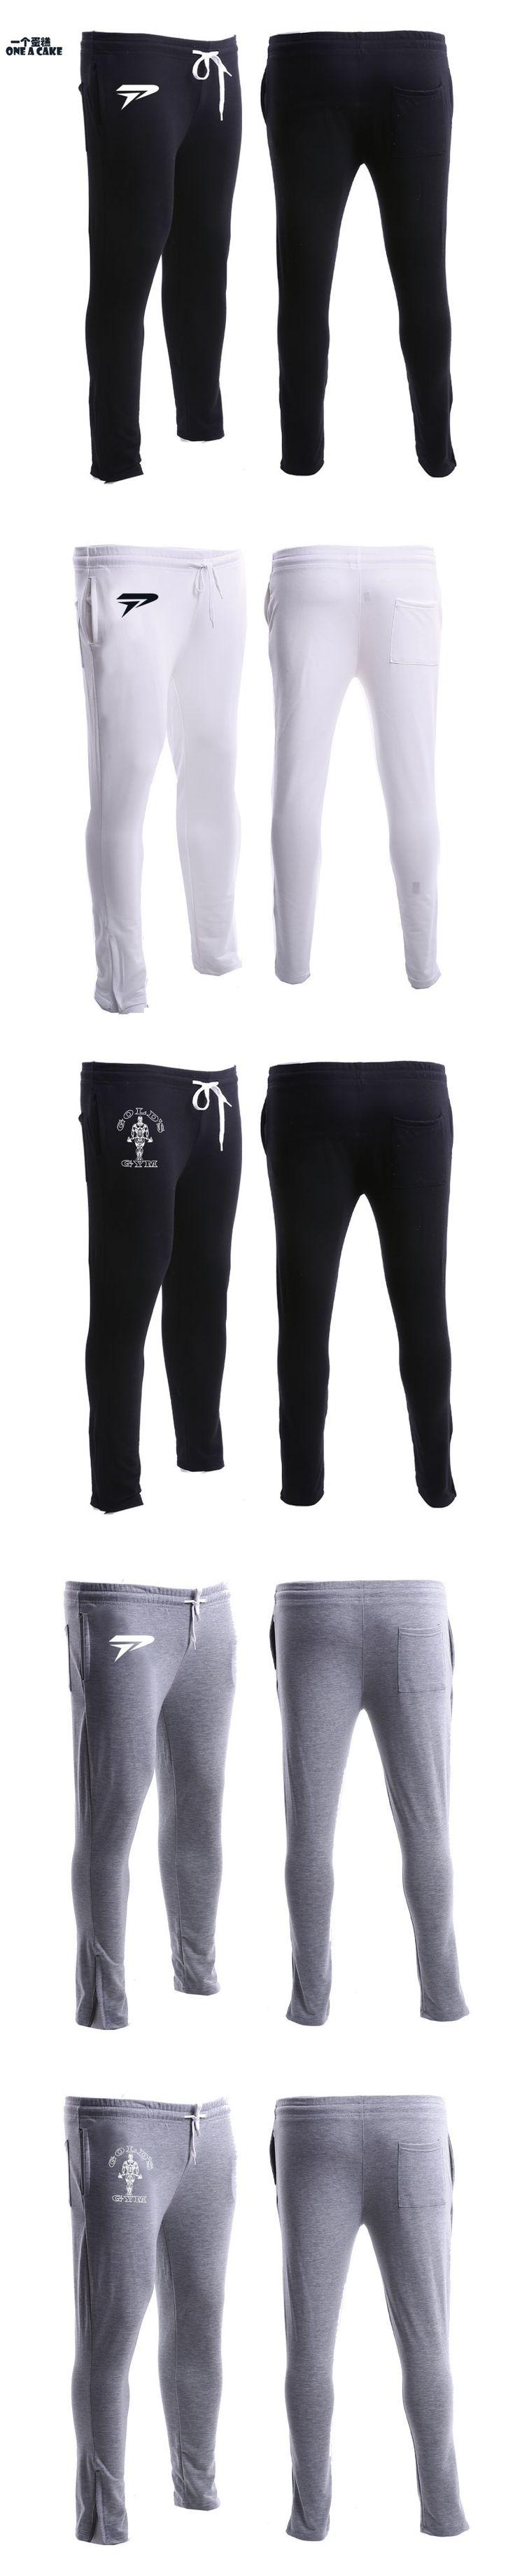 Fashion 2017 Newest Pants Men Women Golds Gyms Clothing  Joggers Pantalon Homme Gyms Professional Bodybuilding Men Sweatpants